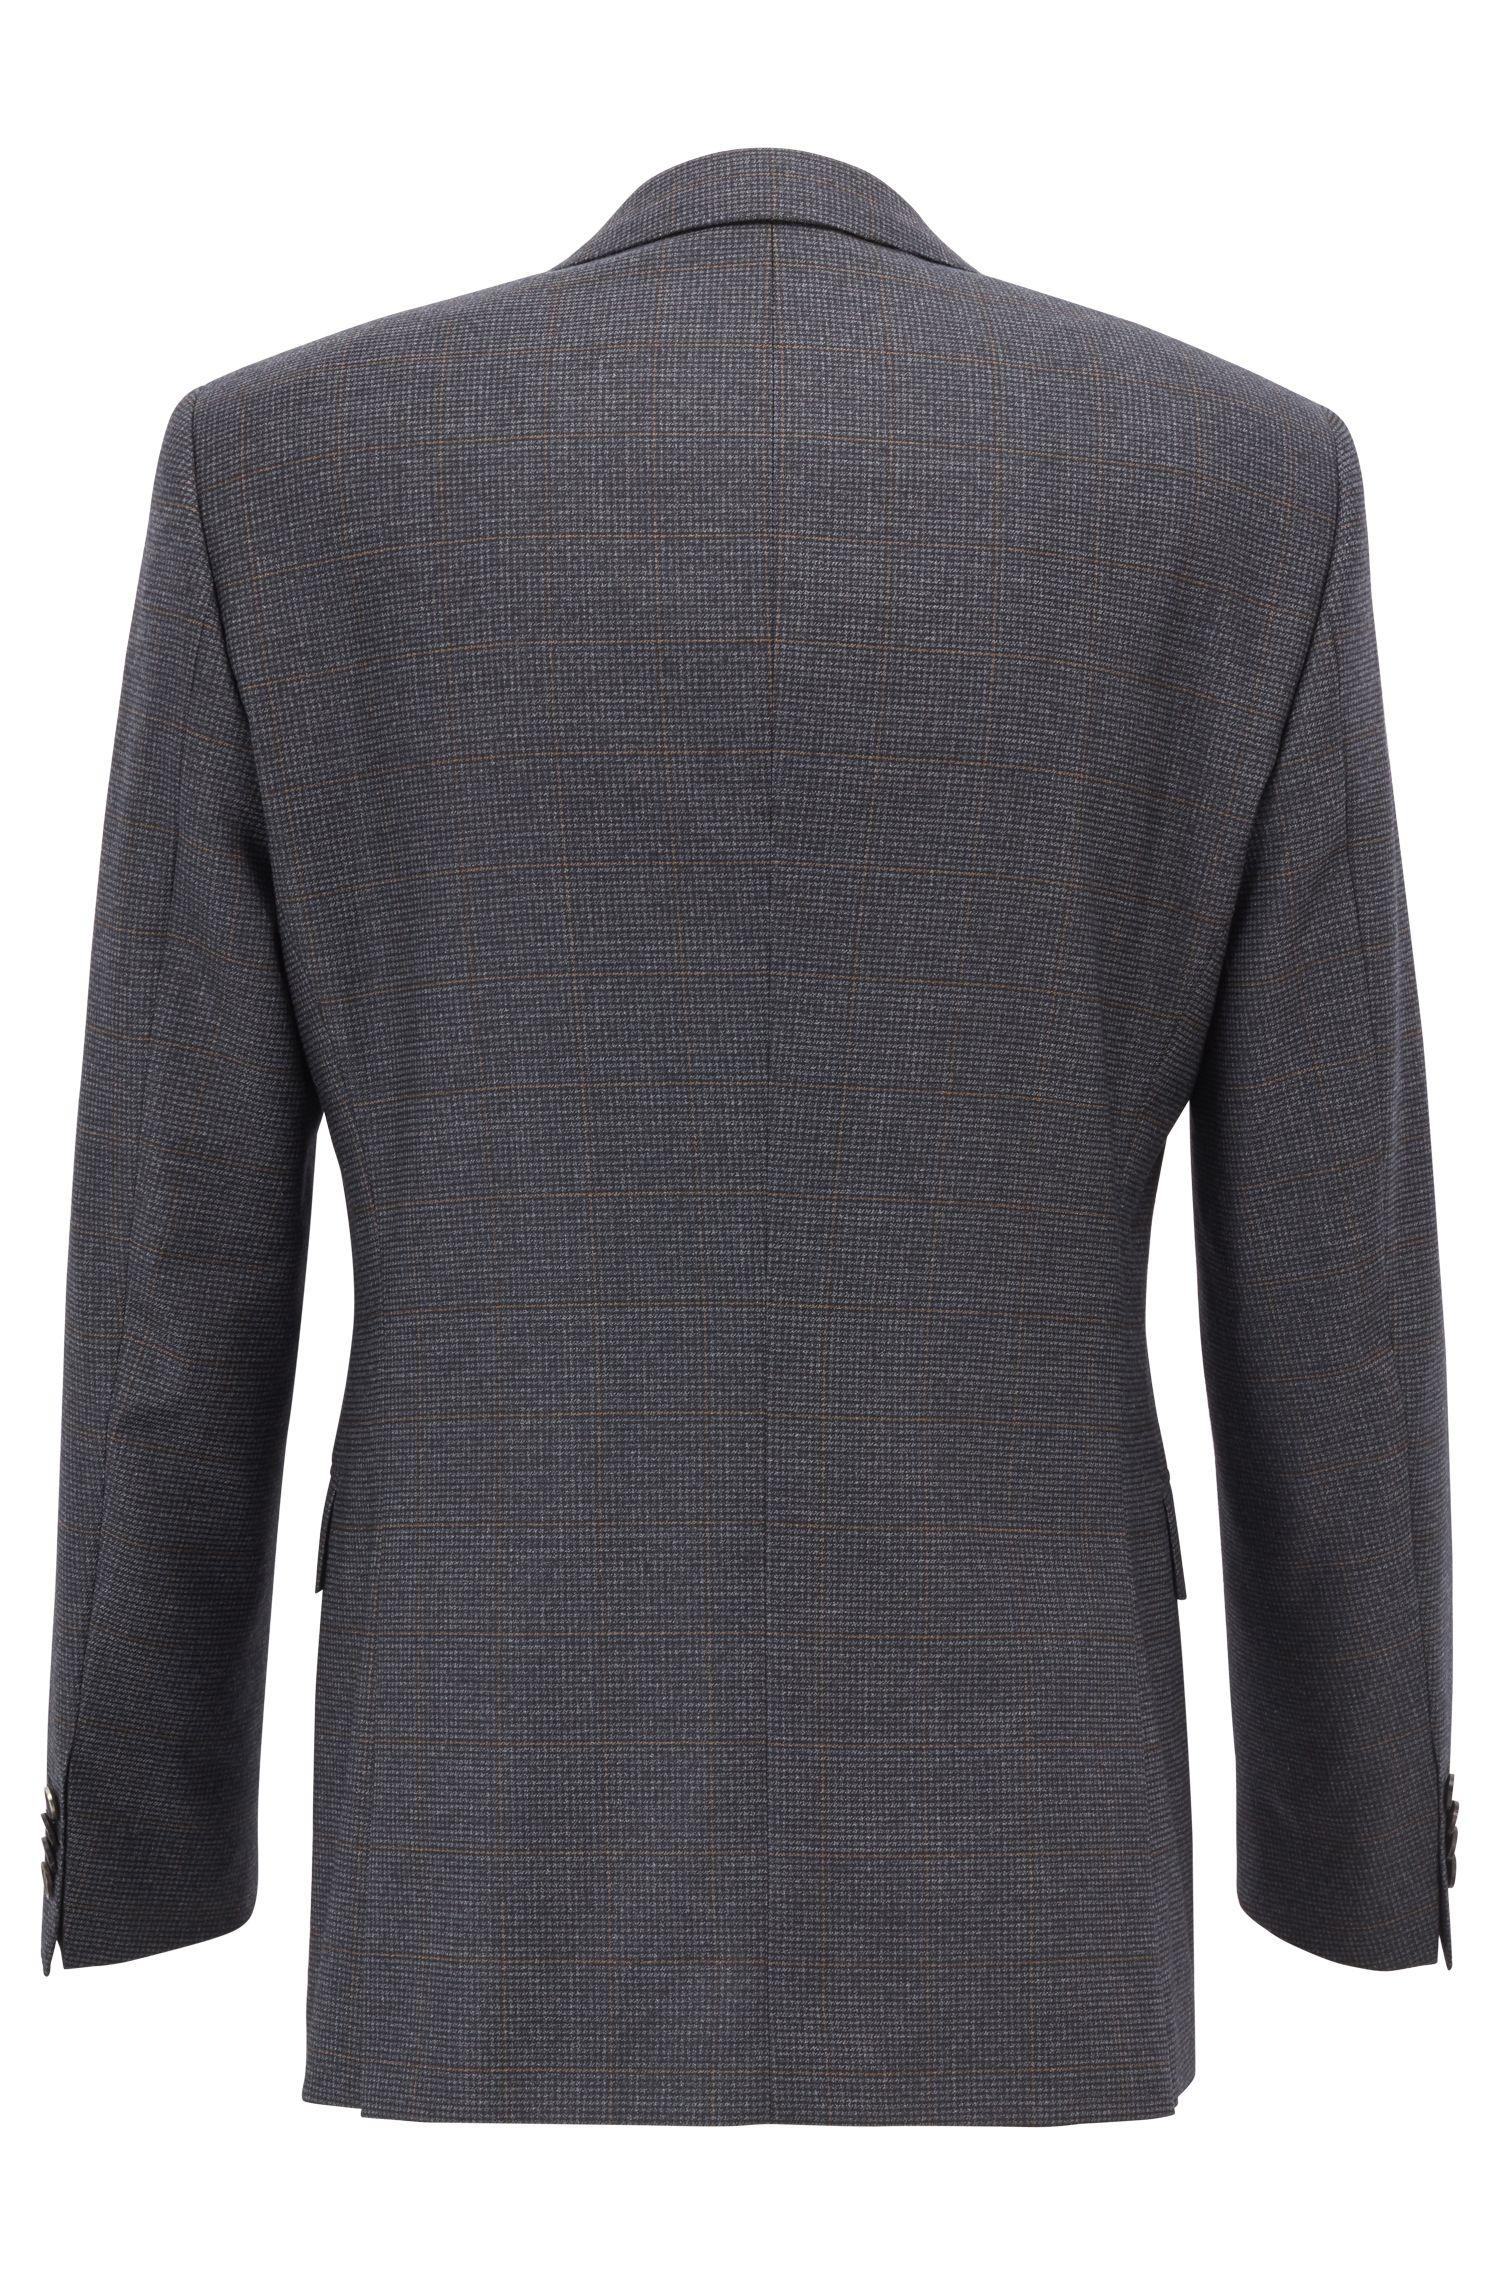 Karierter Slim-Fit Anzug aus Schurwoll-Mix, Grau